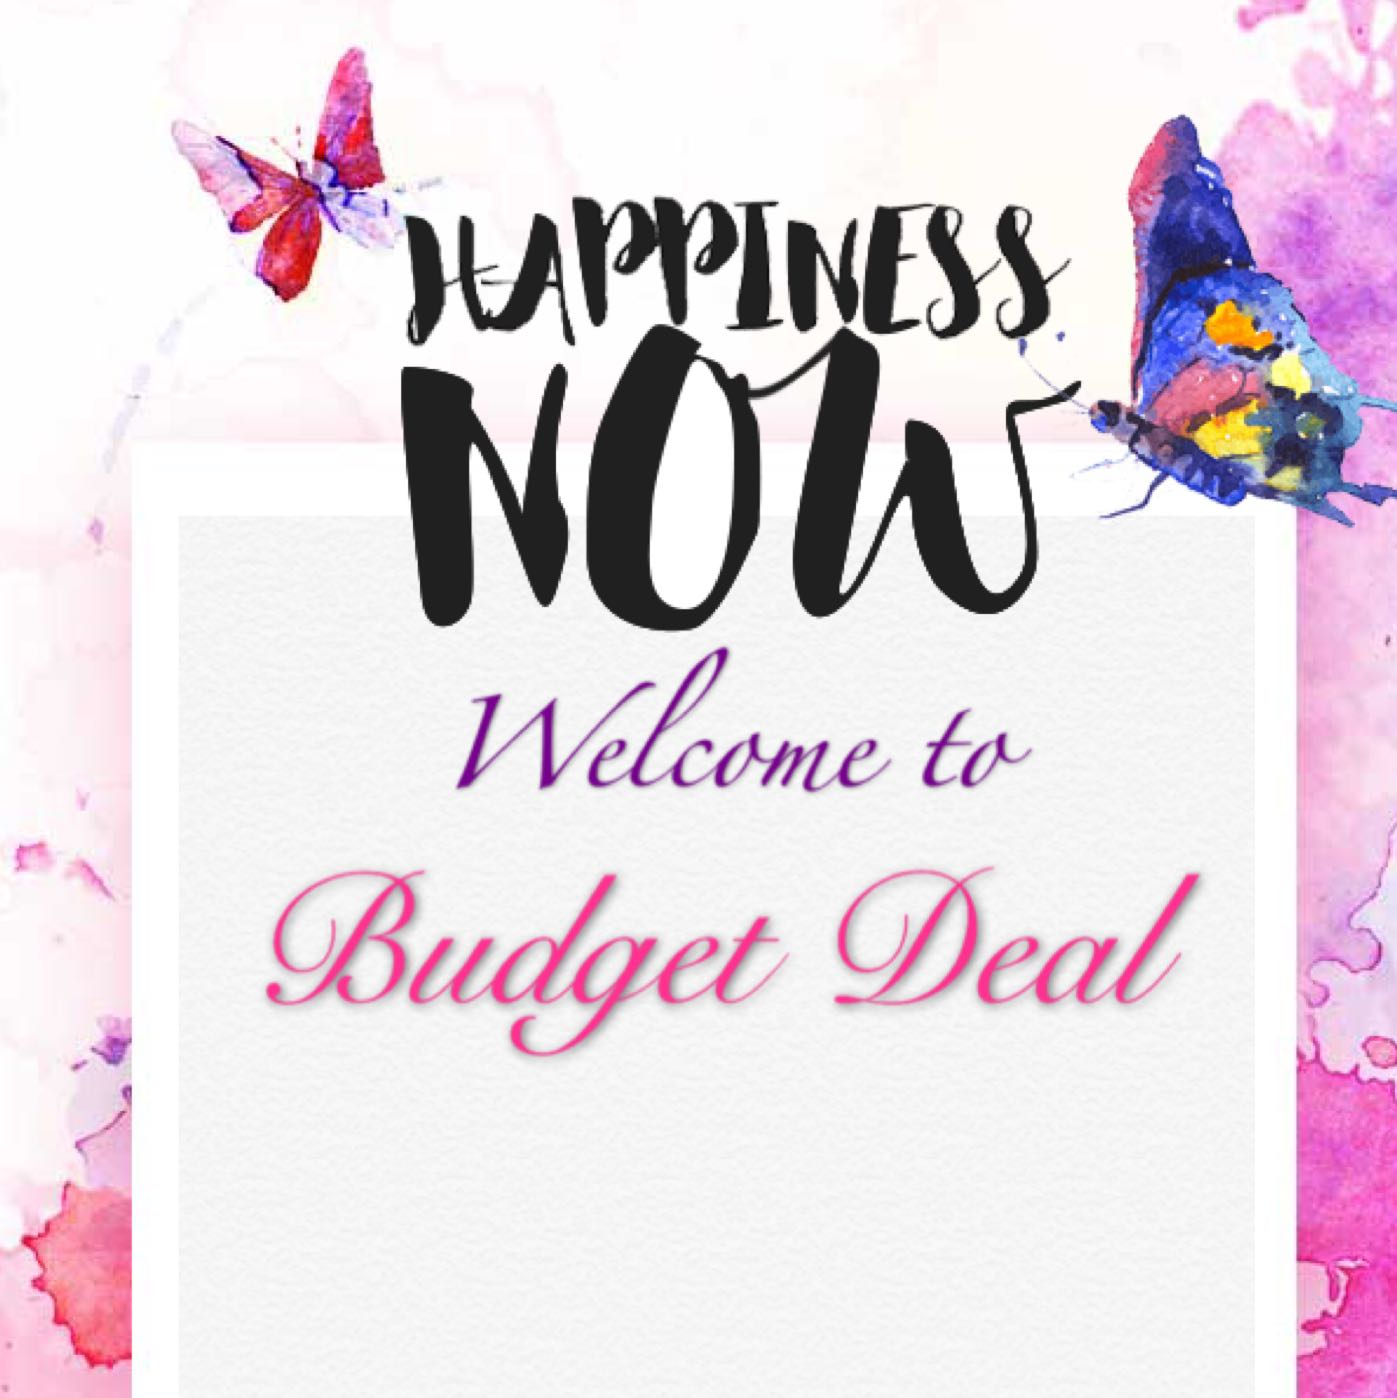 budgetdeal